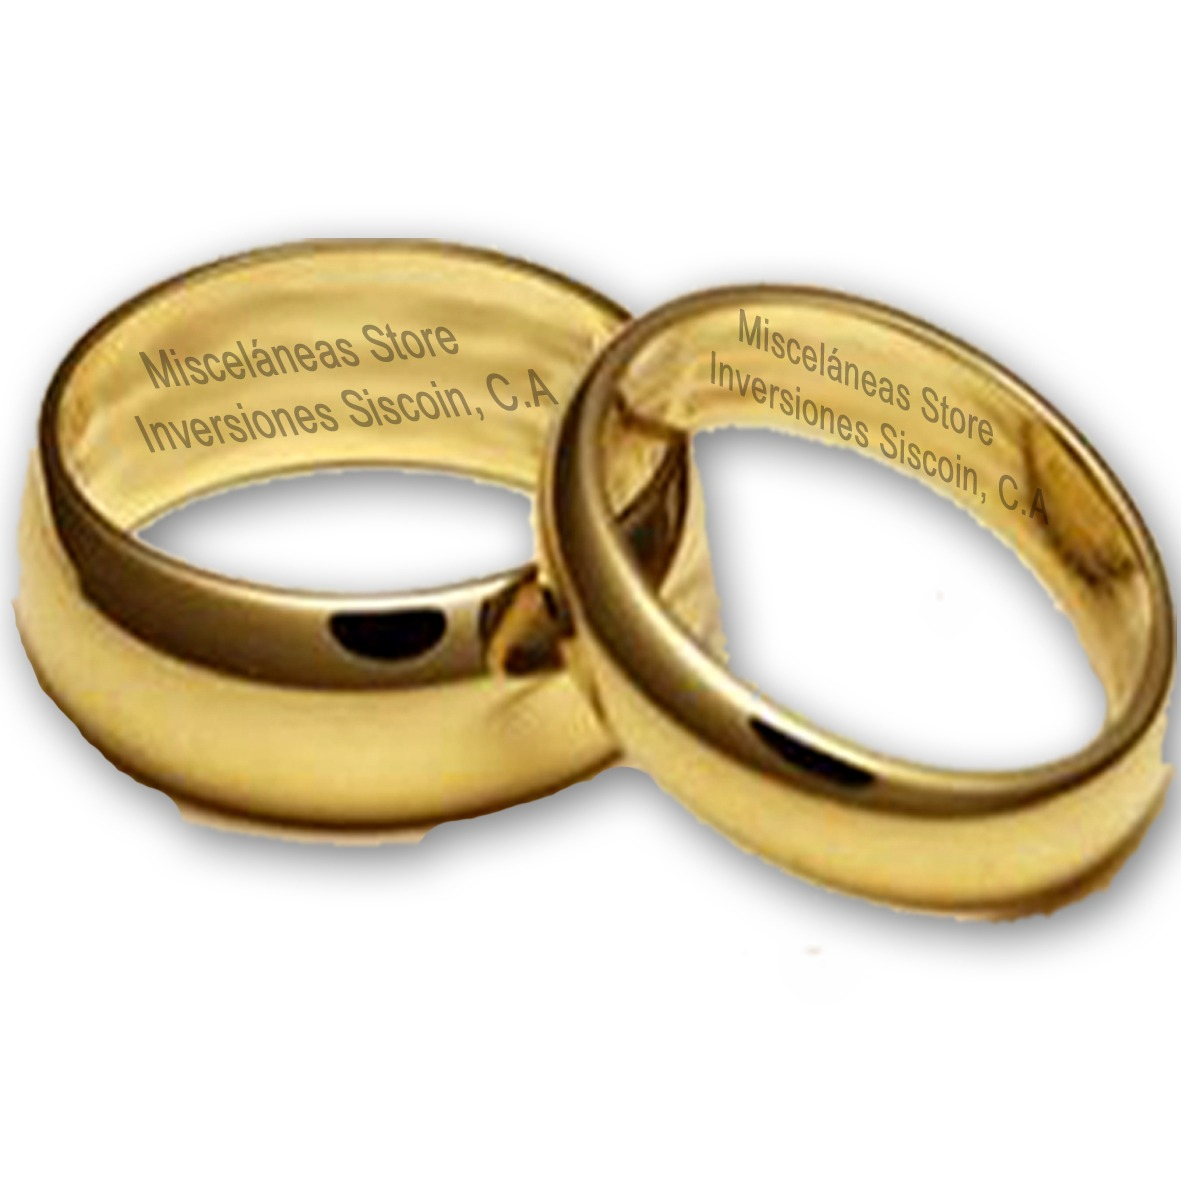 bc4f3b7a4c95 par de anillos aros de matrimonio bodas compromiso 10k. Cargando zoom.